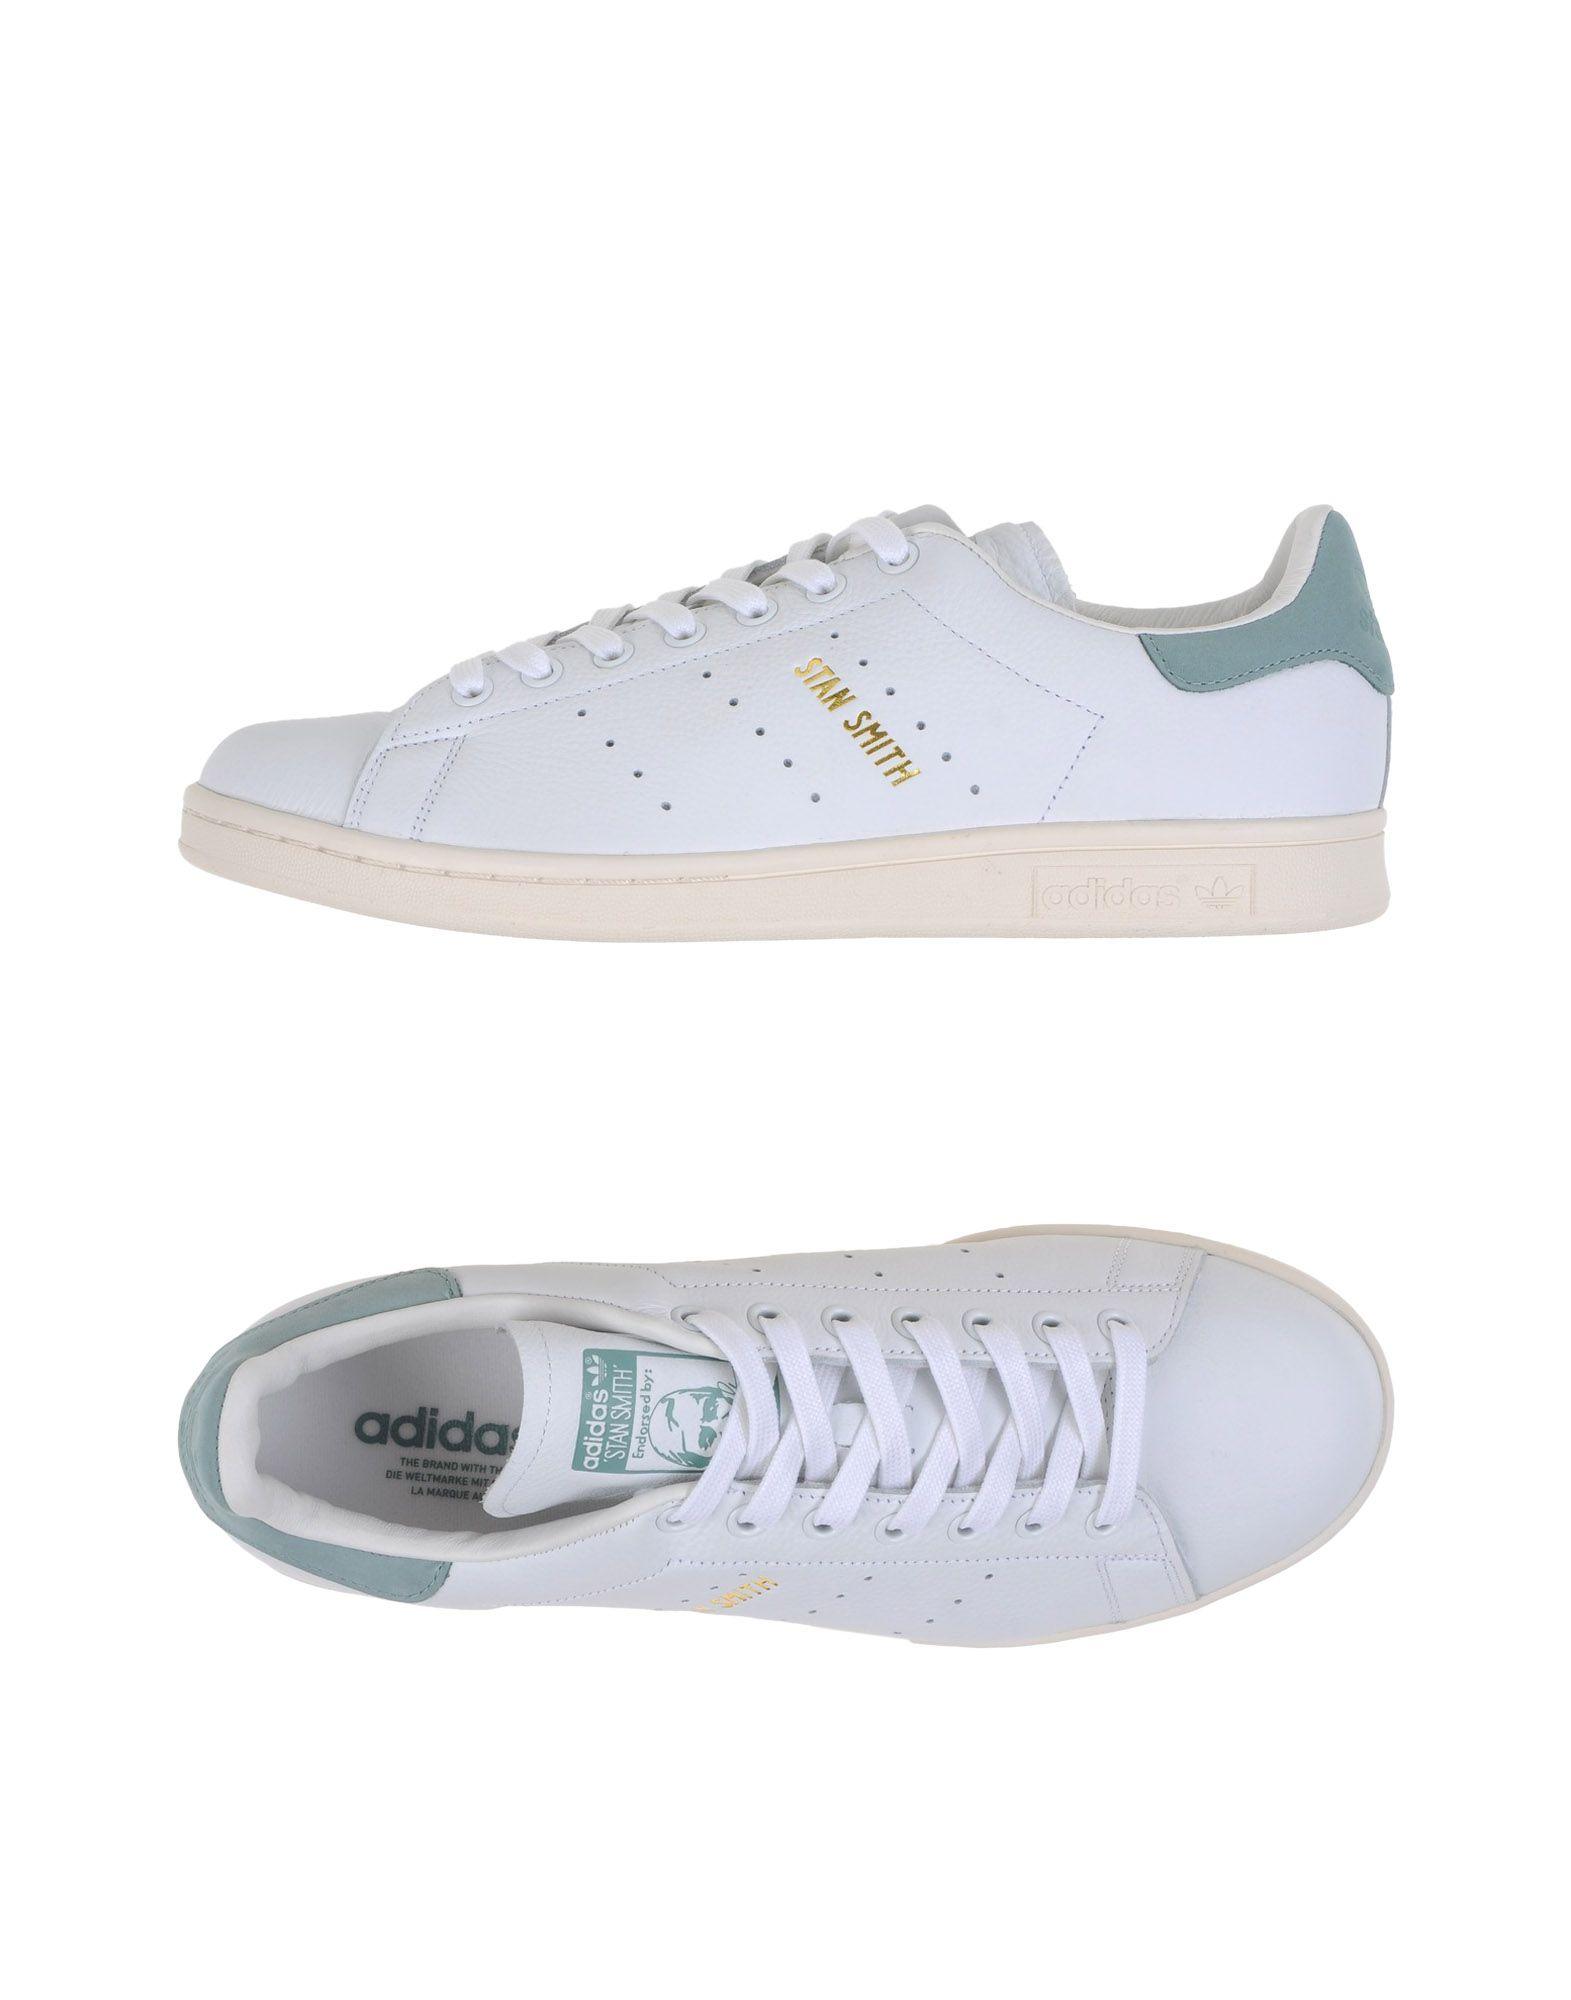 Adidas Originals Stan Smith - Uomo - 11084858VX